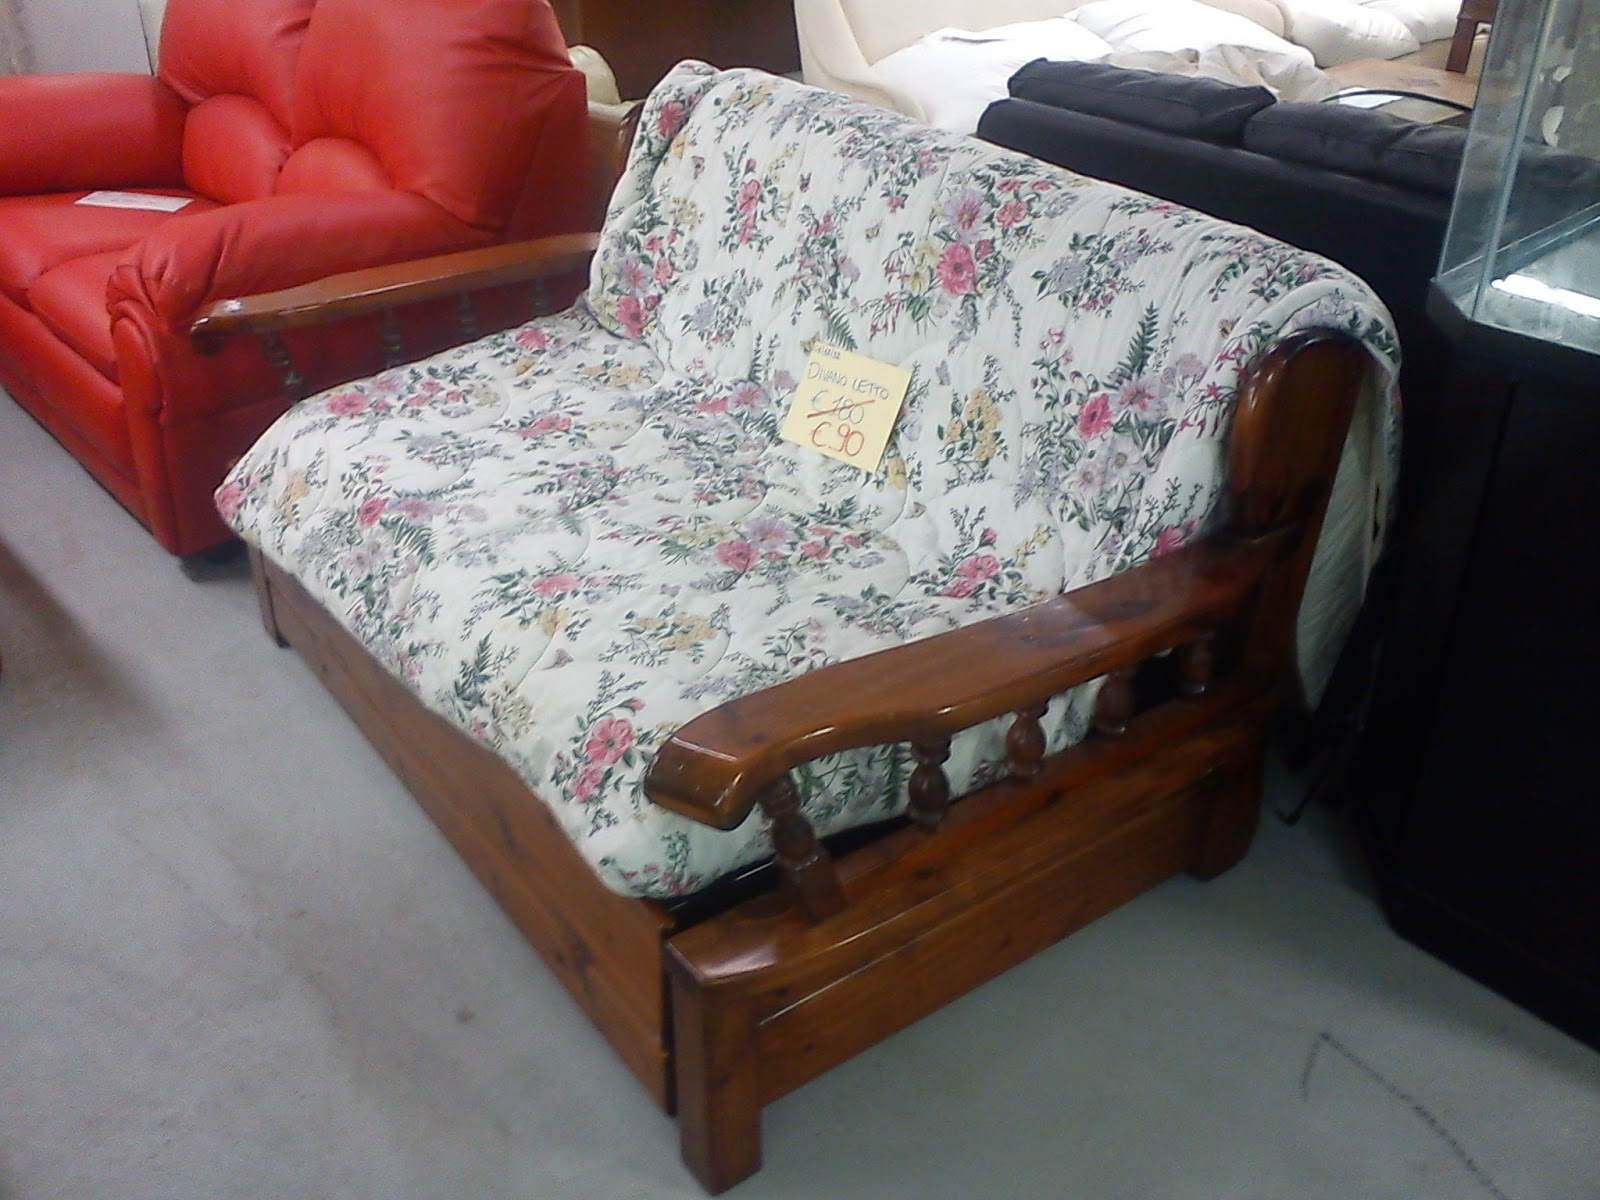 Portobello divano letto in legno 90 - Divano letto legno ...